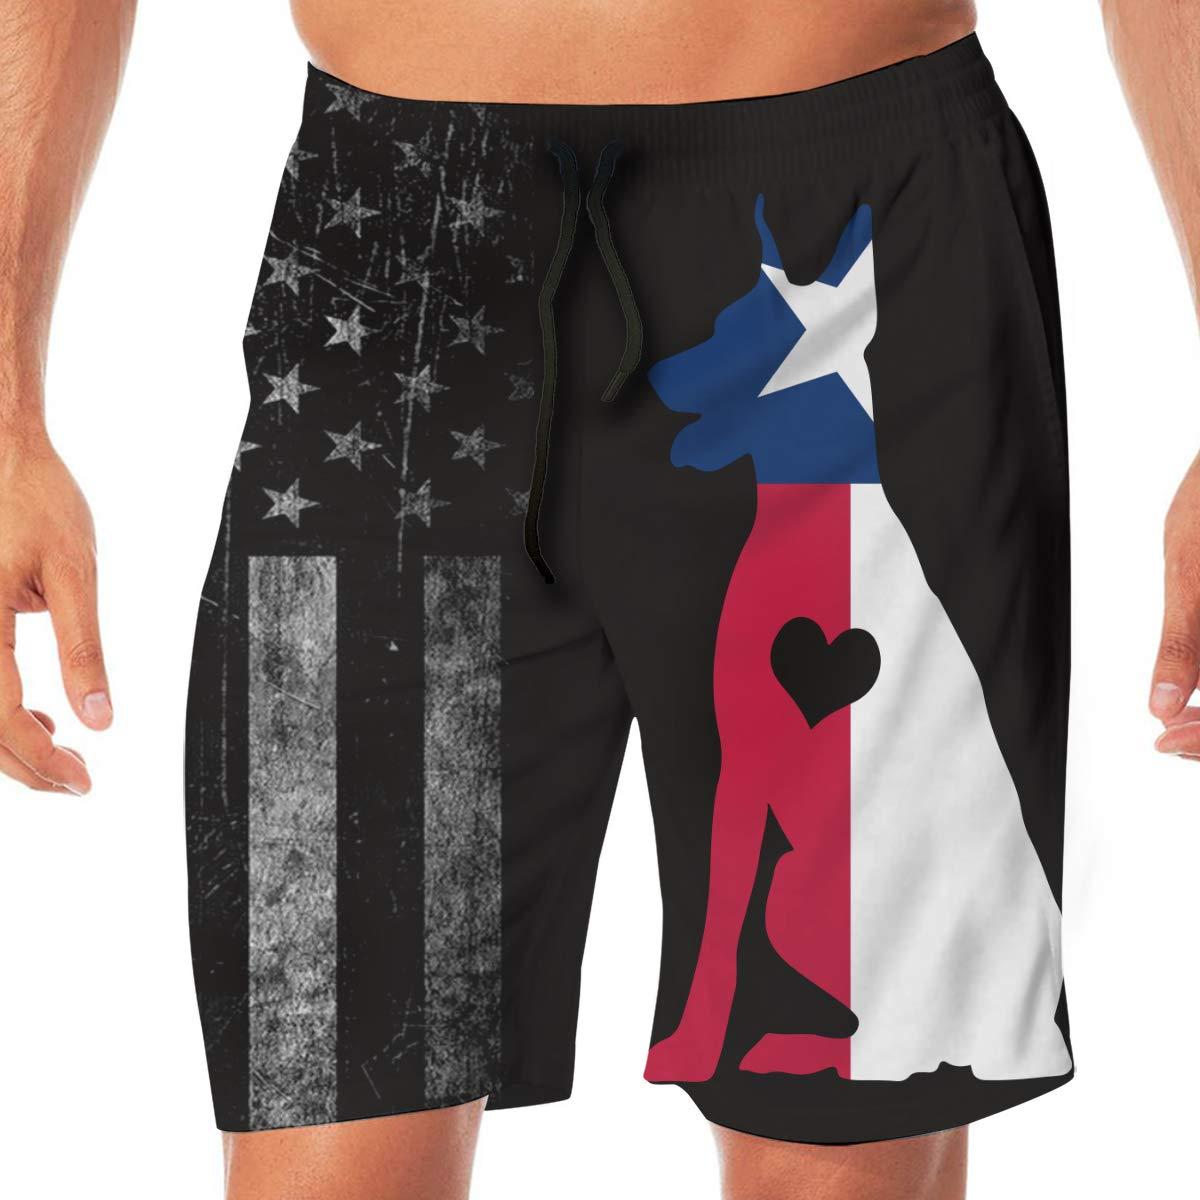 Mens Texas Flag Adore Dobermans Dog Board Shorts Swimming Shorts No Mesh Lining